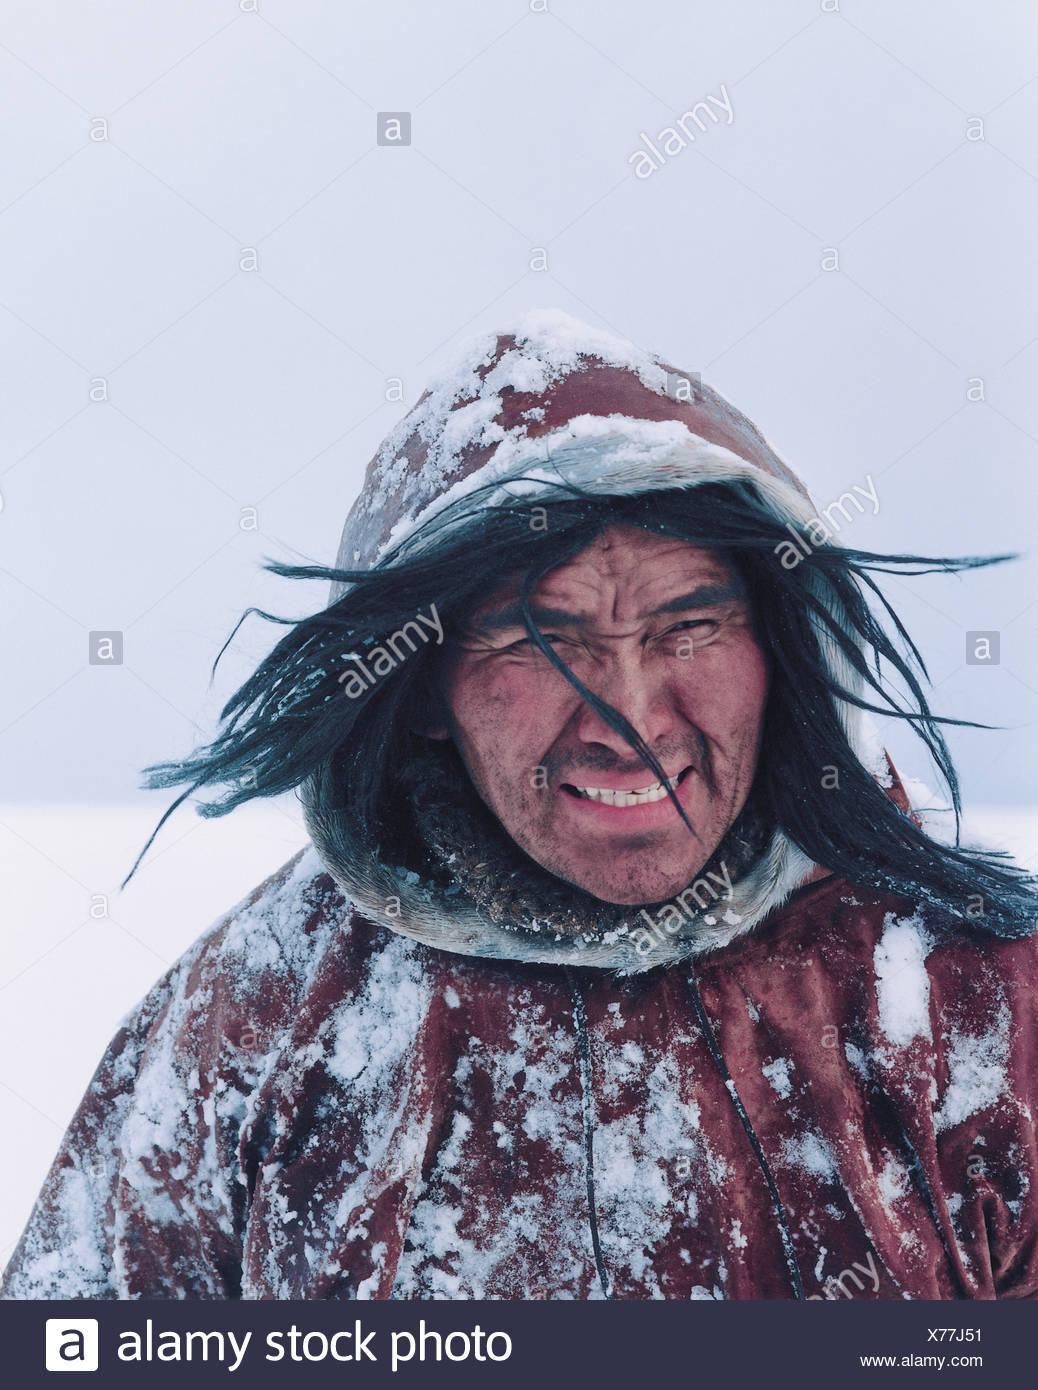 ba702195 eskimo-homme-dans-un-manteau-dhiver-dans-la-neige-des-cheveux-longs-blowing-in-wind-x77j51.jpg